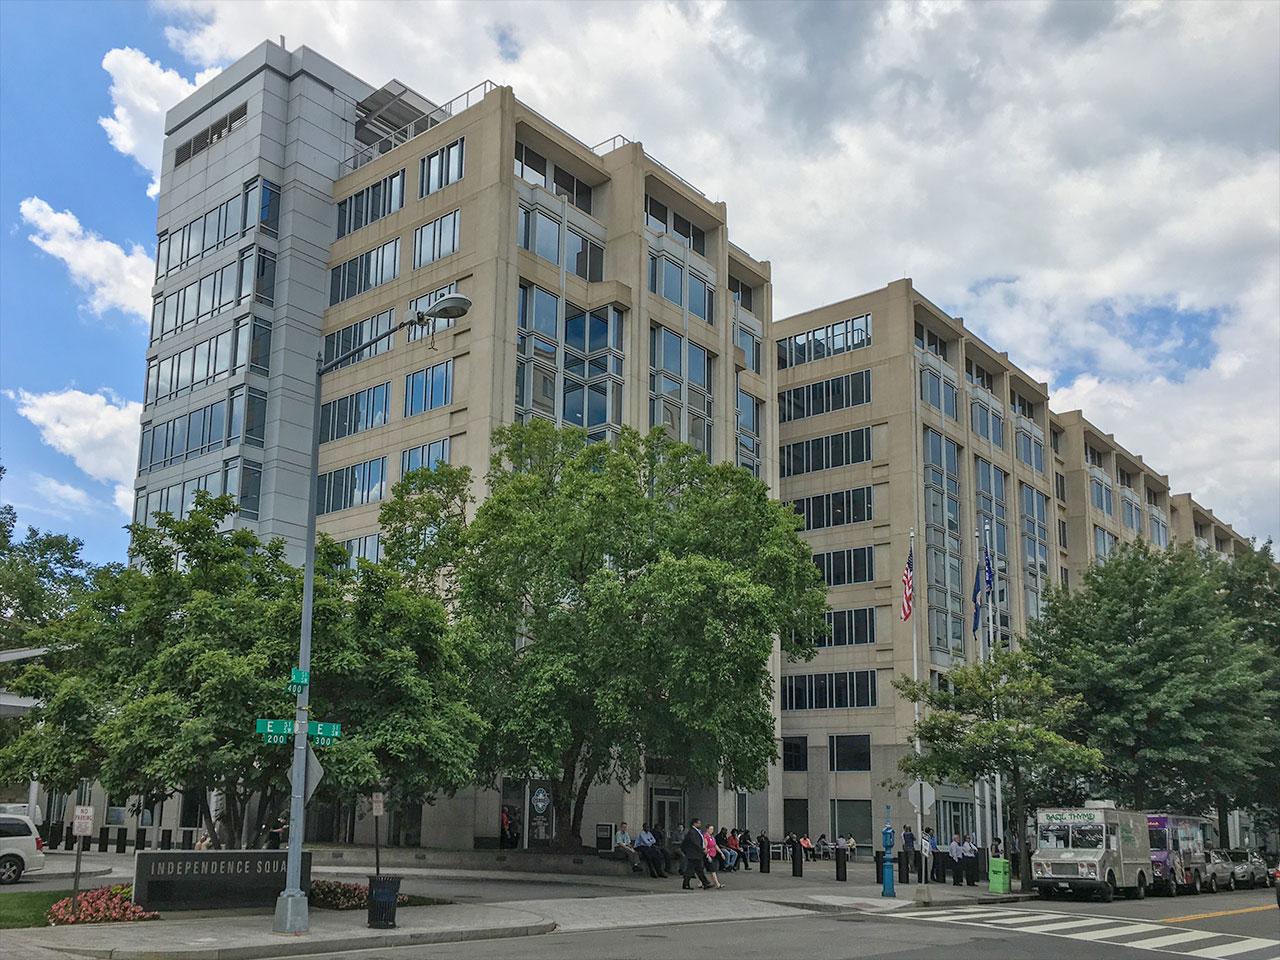 Le bâtiment du siège de la NASA Mary W.Jackson est situé le long de Hidden Figures Way à Washington, DC